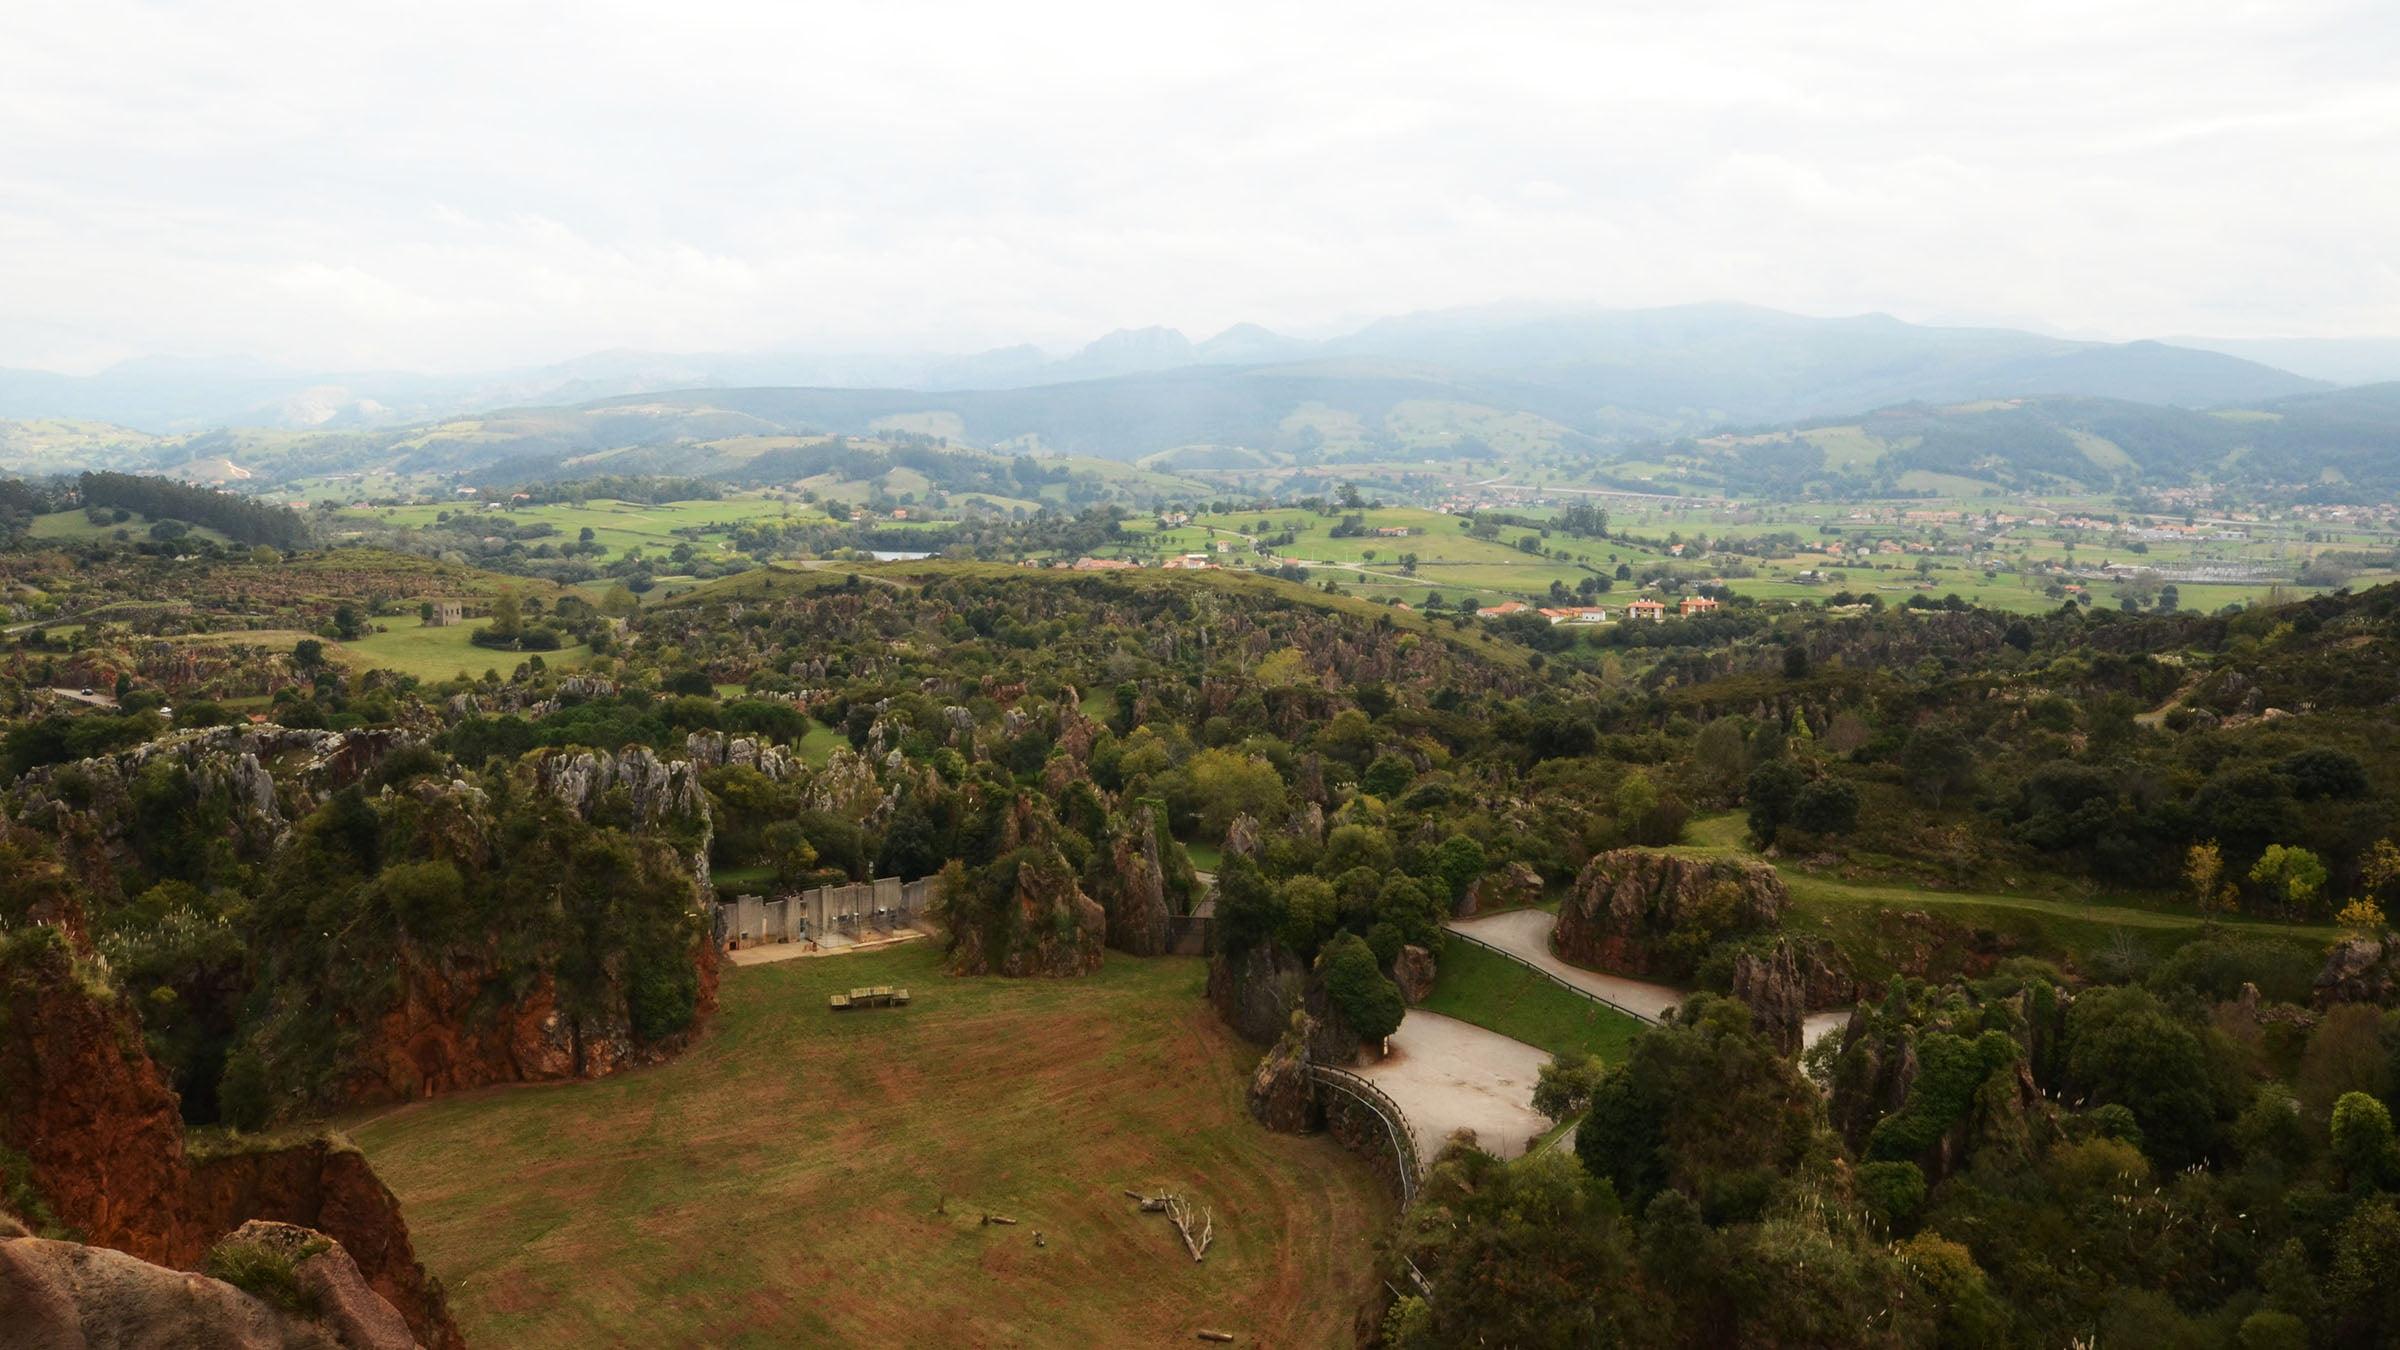 Peña Cabarga, donde se encuentra enclavado el Parque de la Naturaleza de Cabárceno